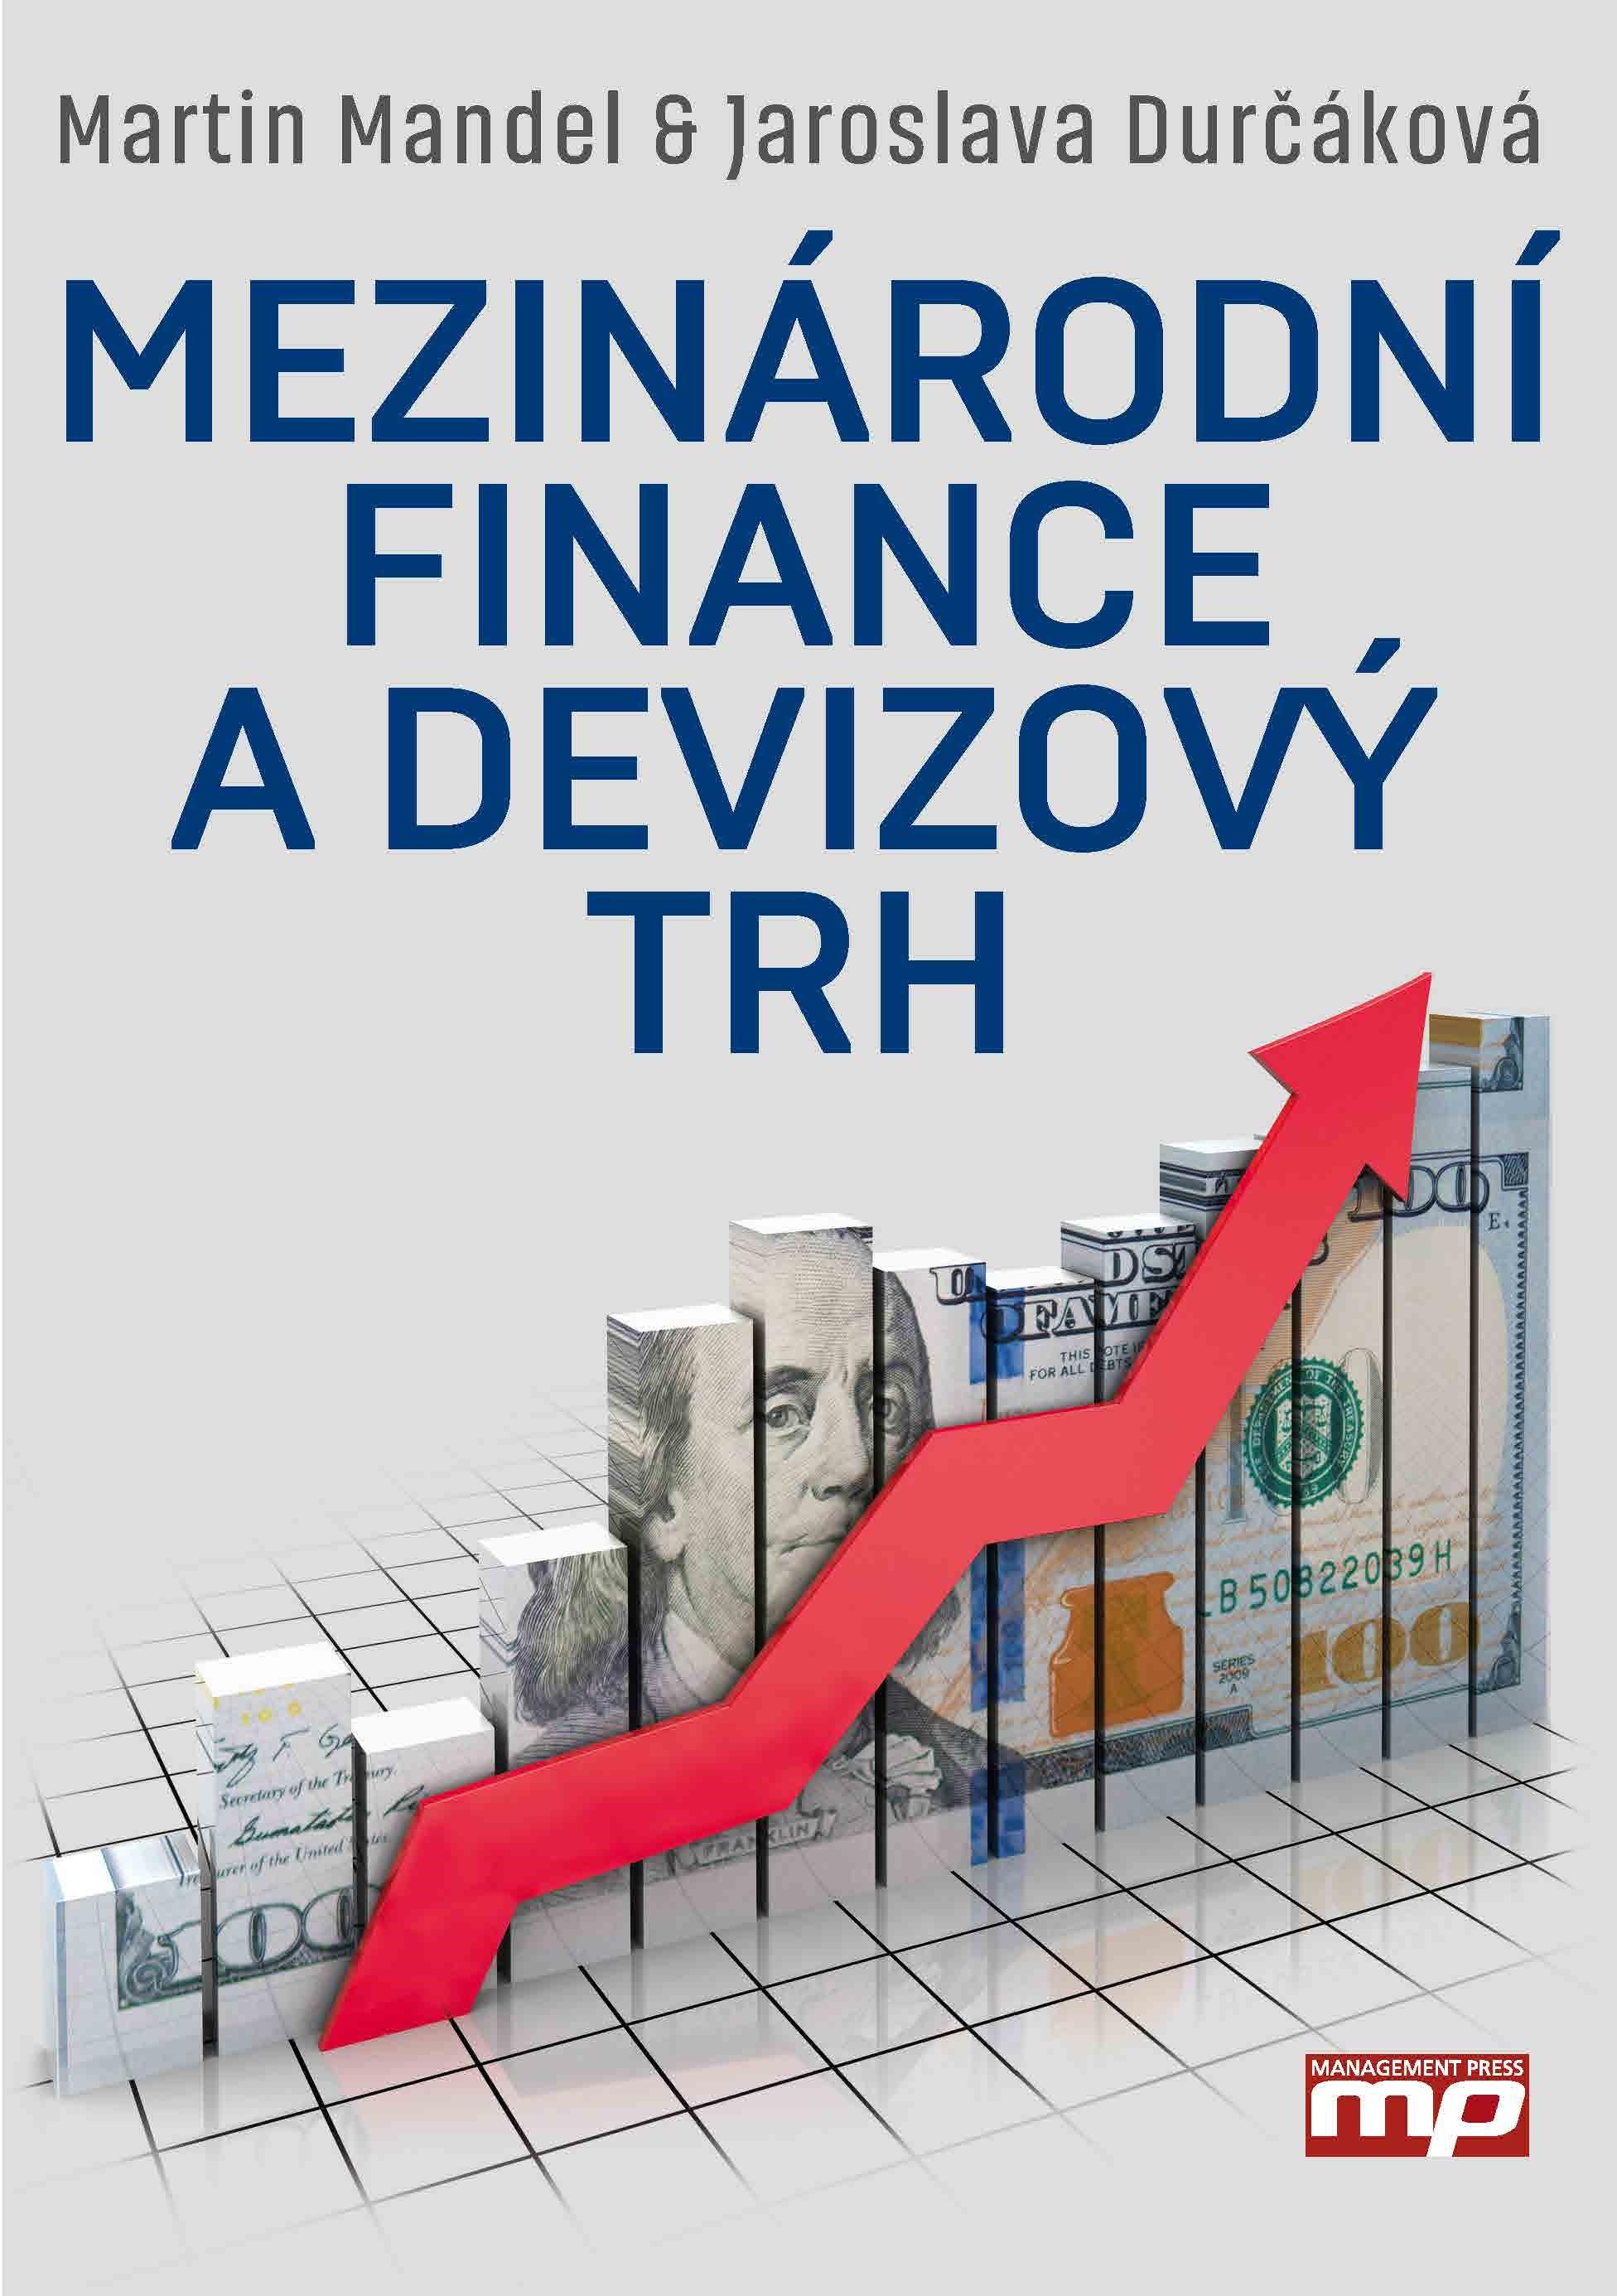 Mezinárodní finance a devizový trh